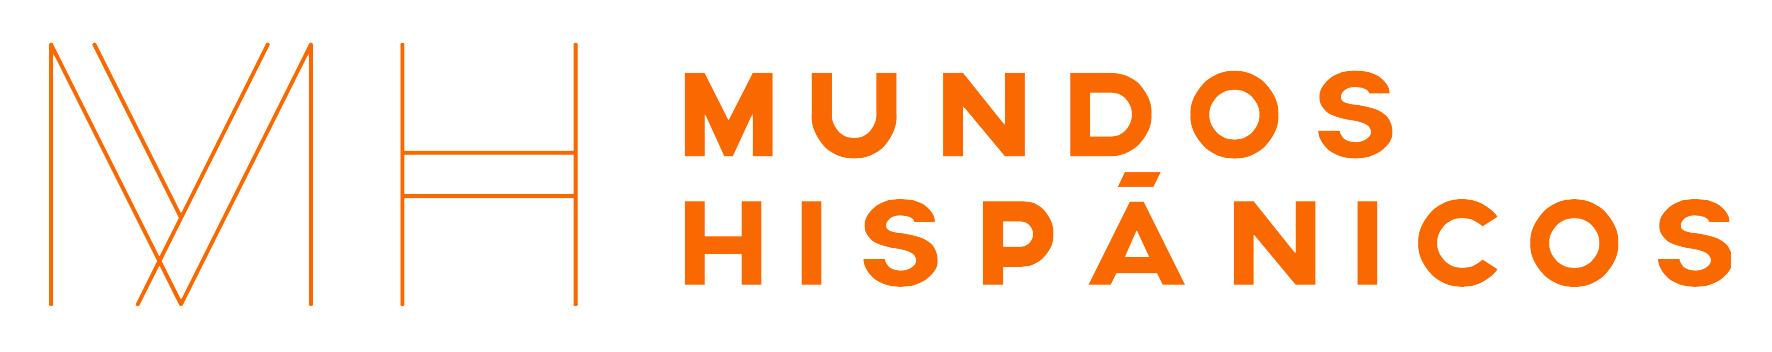 Mundos Hispánicos